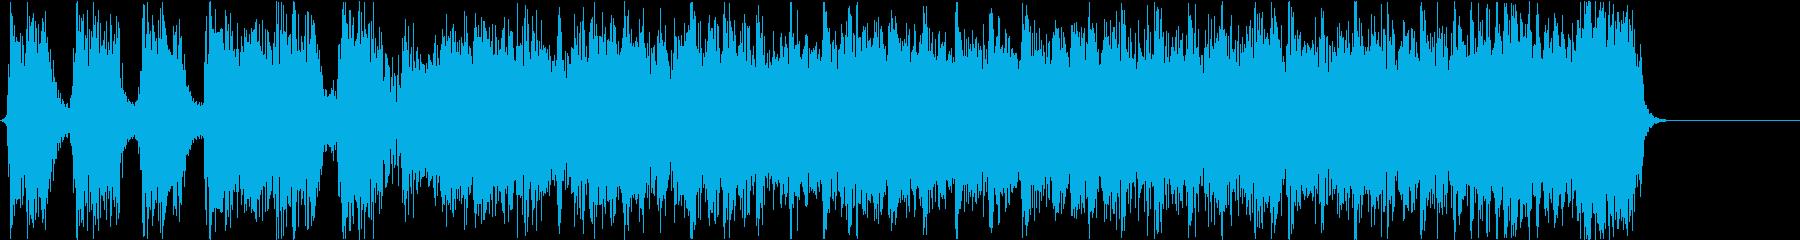 ハードコア風ショートサウンド#01の再生済みの波形